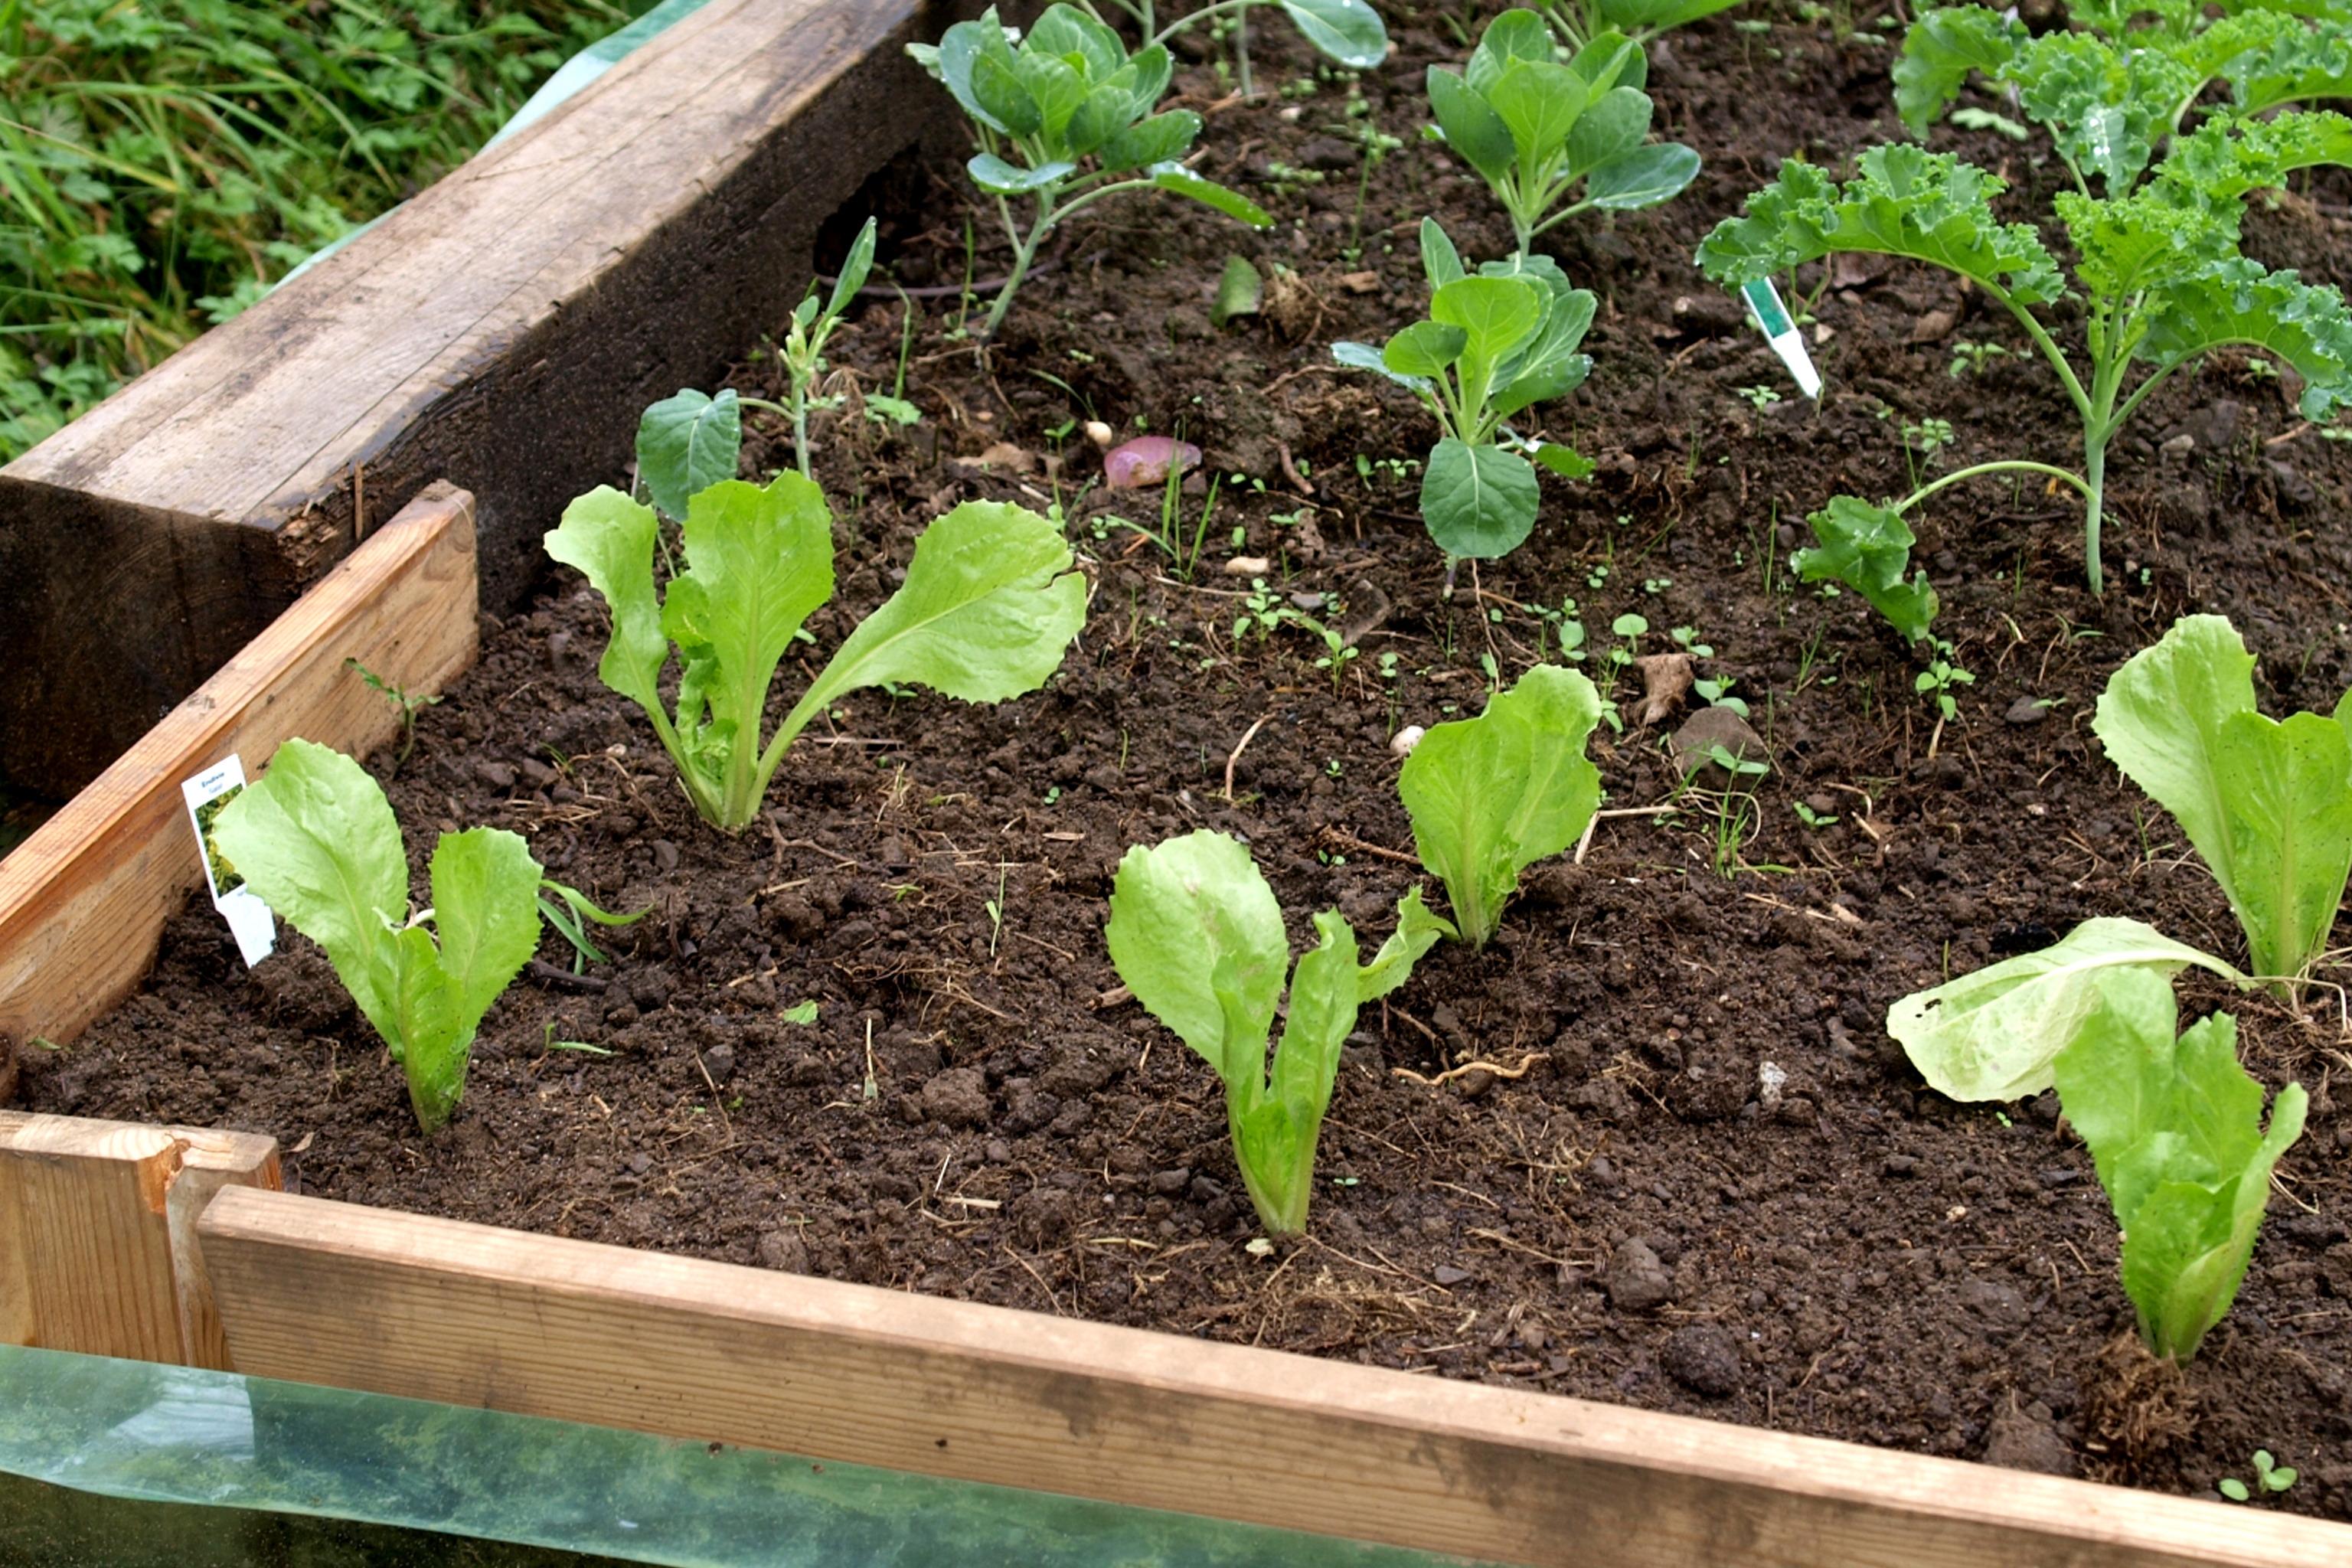 Plant an Outdoor Garden Bed - DIY